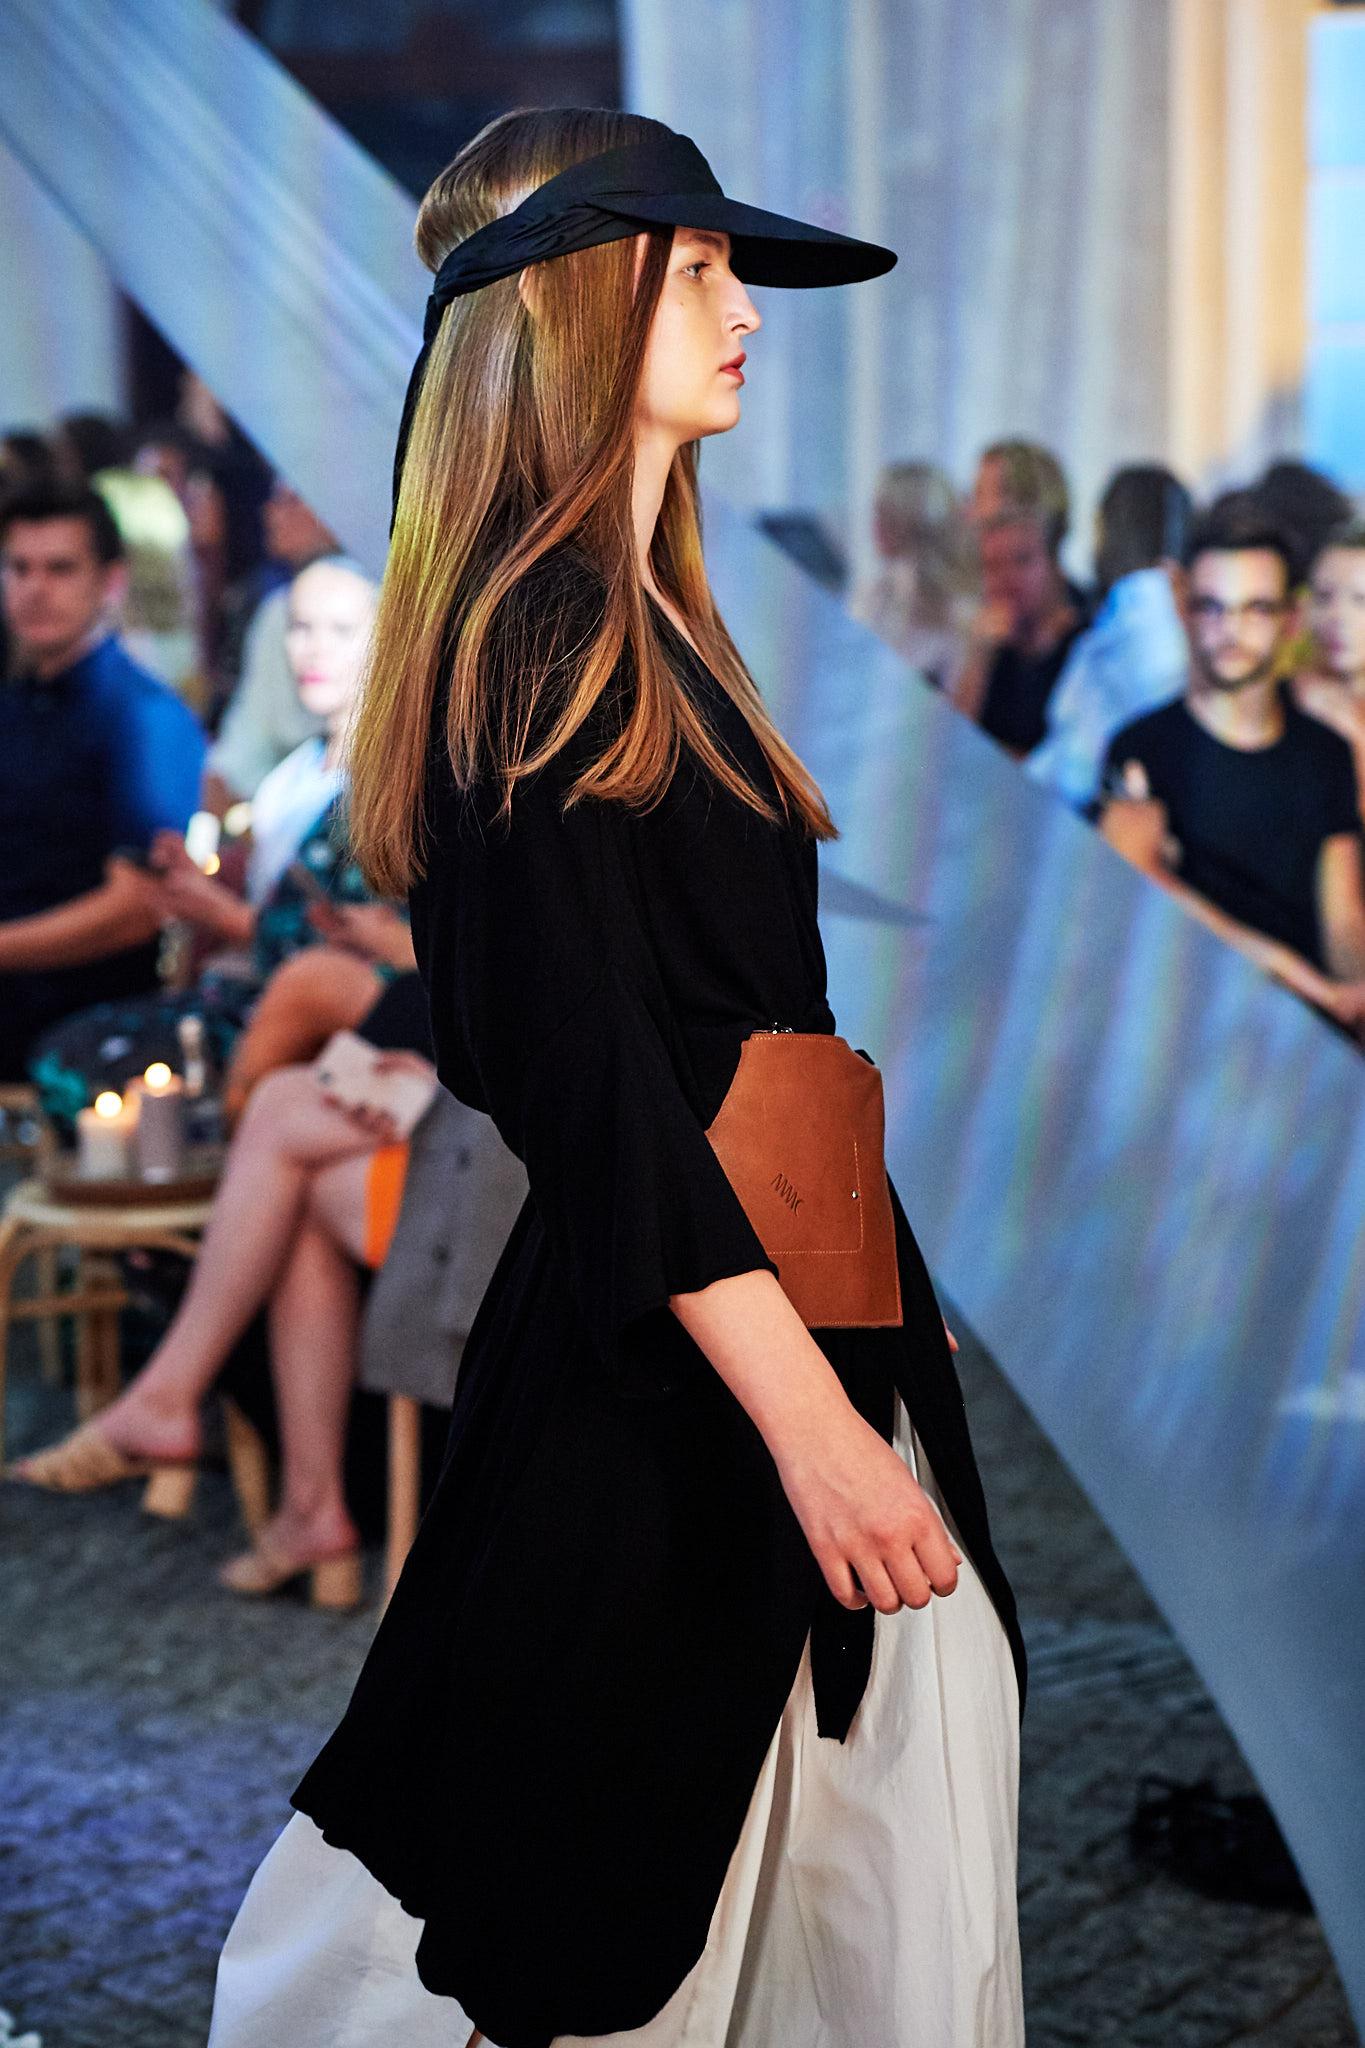 12_MMC-010719-lowres-fotFilipOkopny-FashionImages.jpg